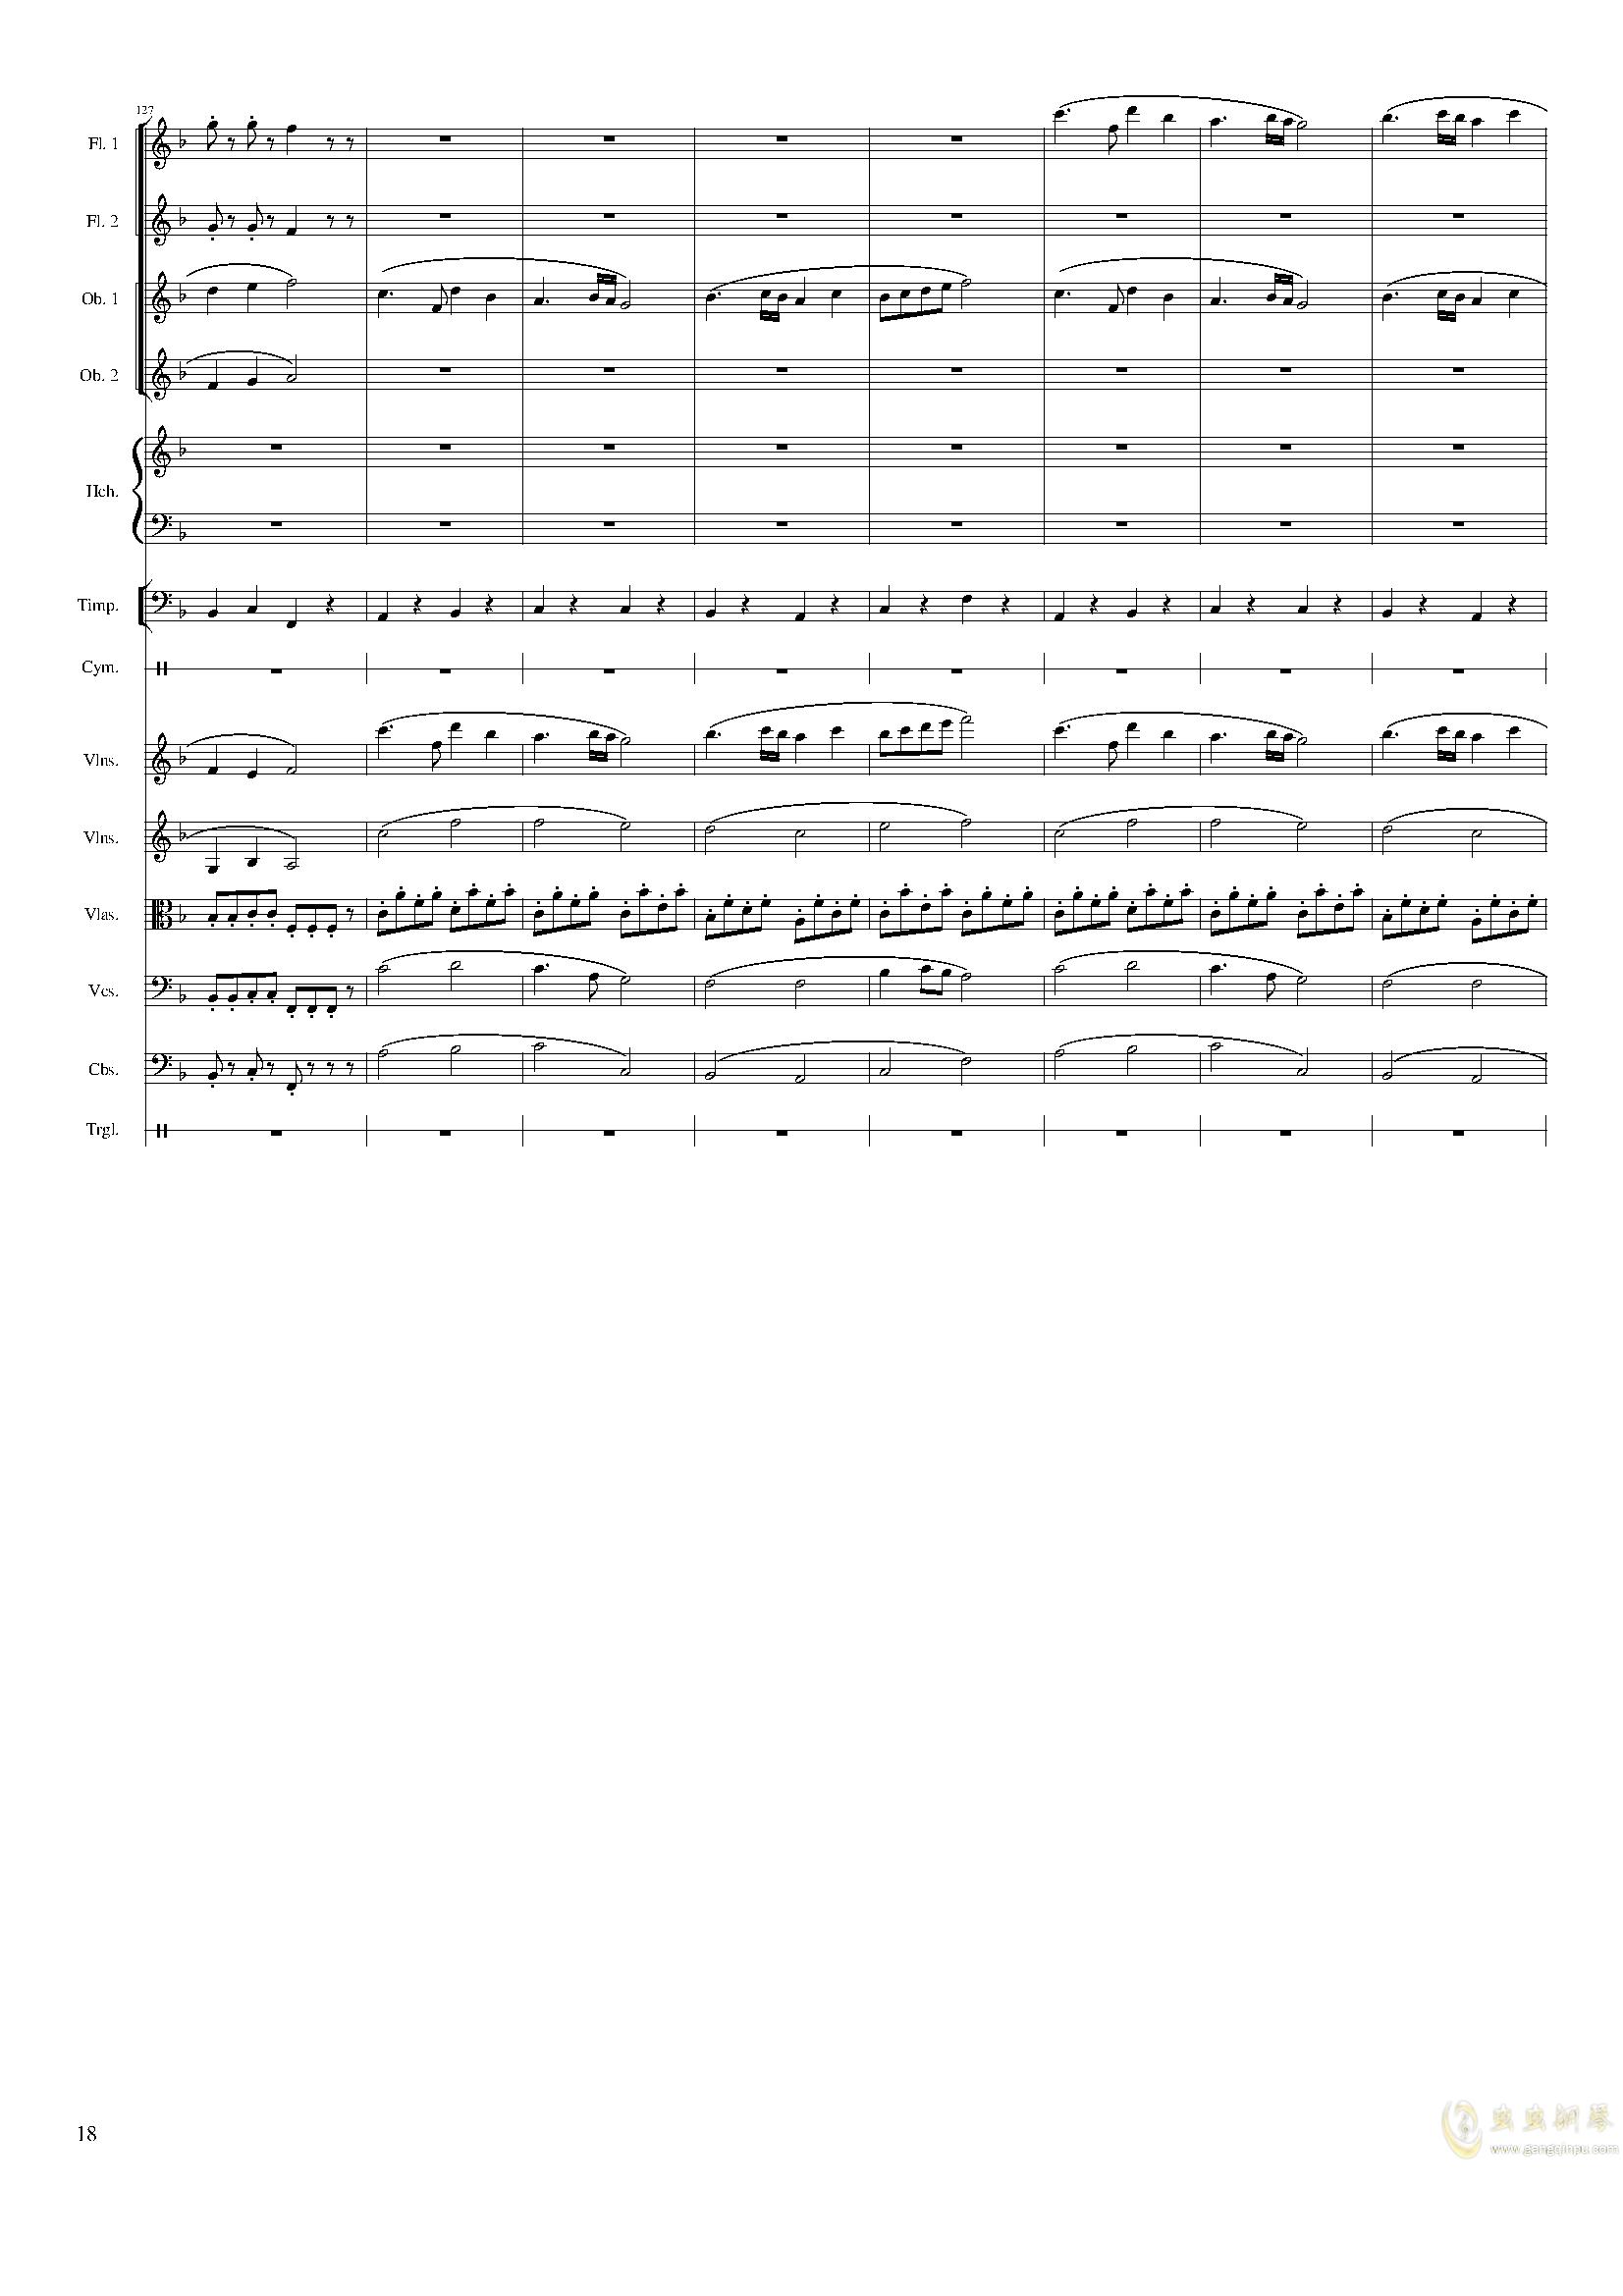 春节序曲,作品121钢琴谱 第18页